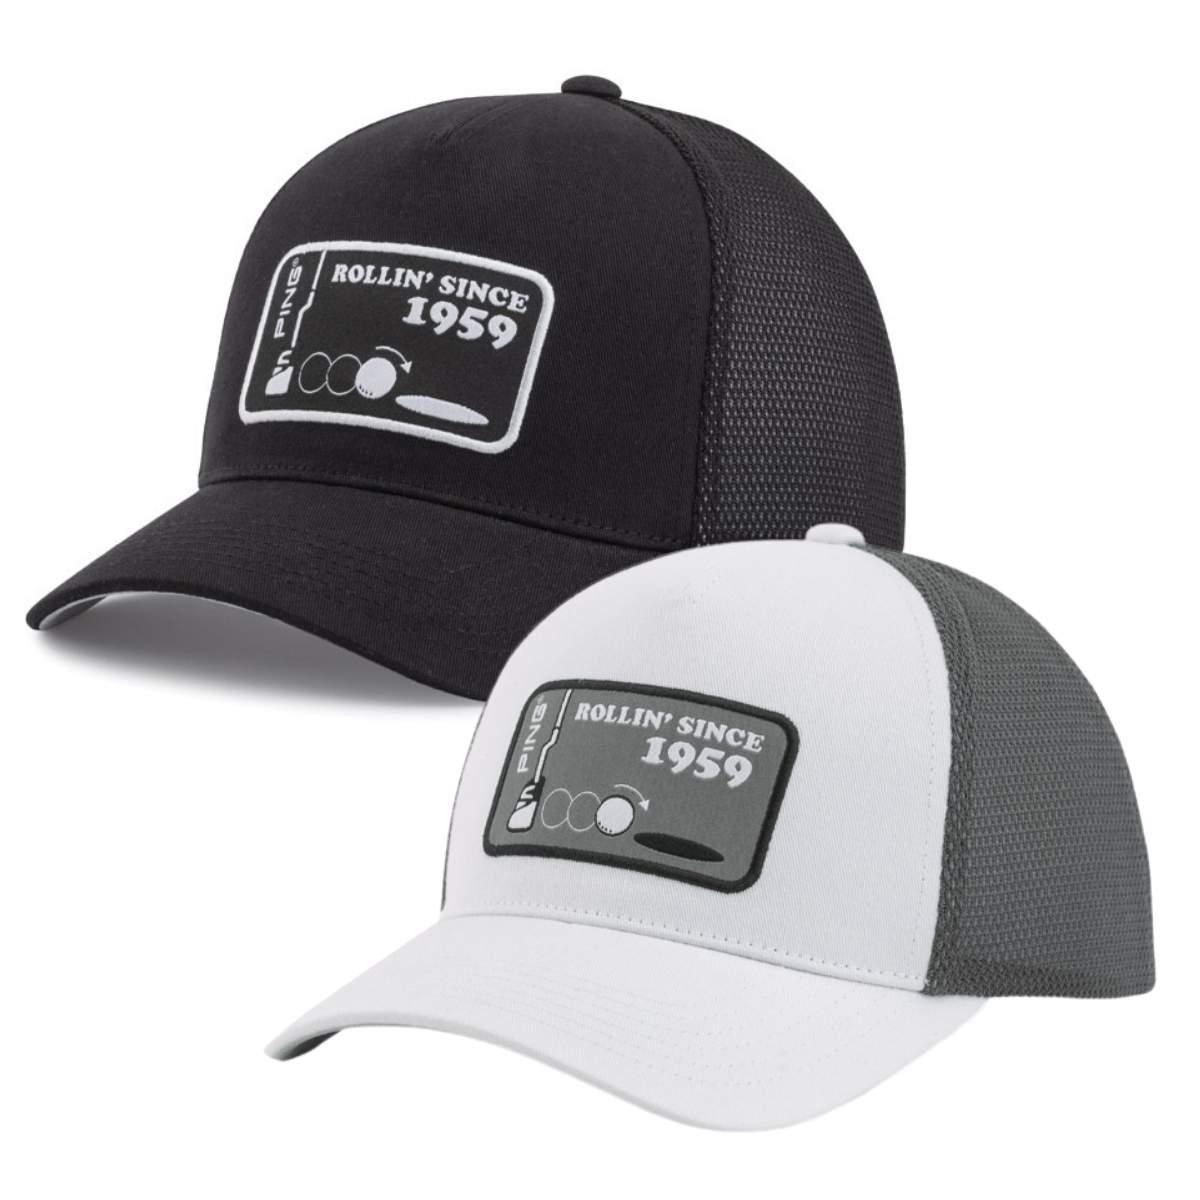 PING Men's Rollin 59 Cap